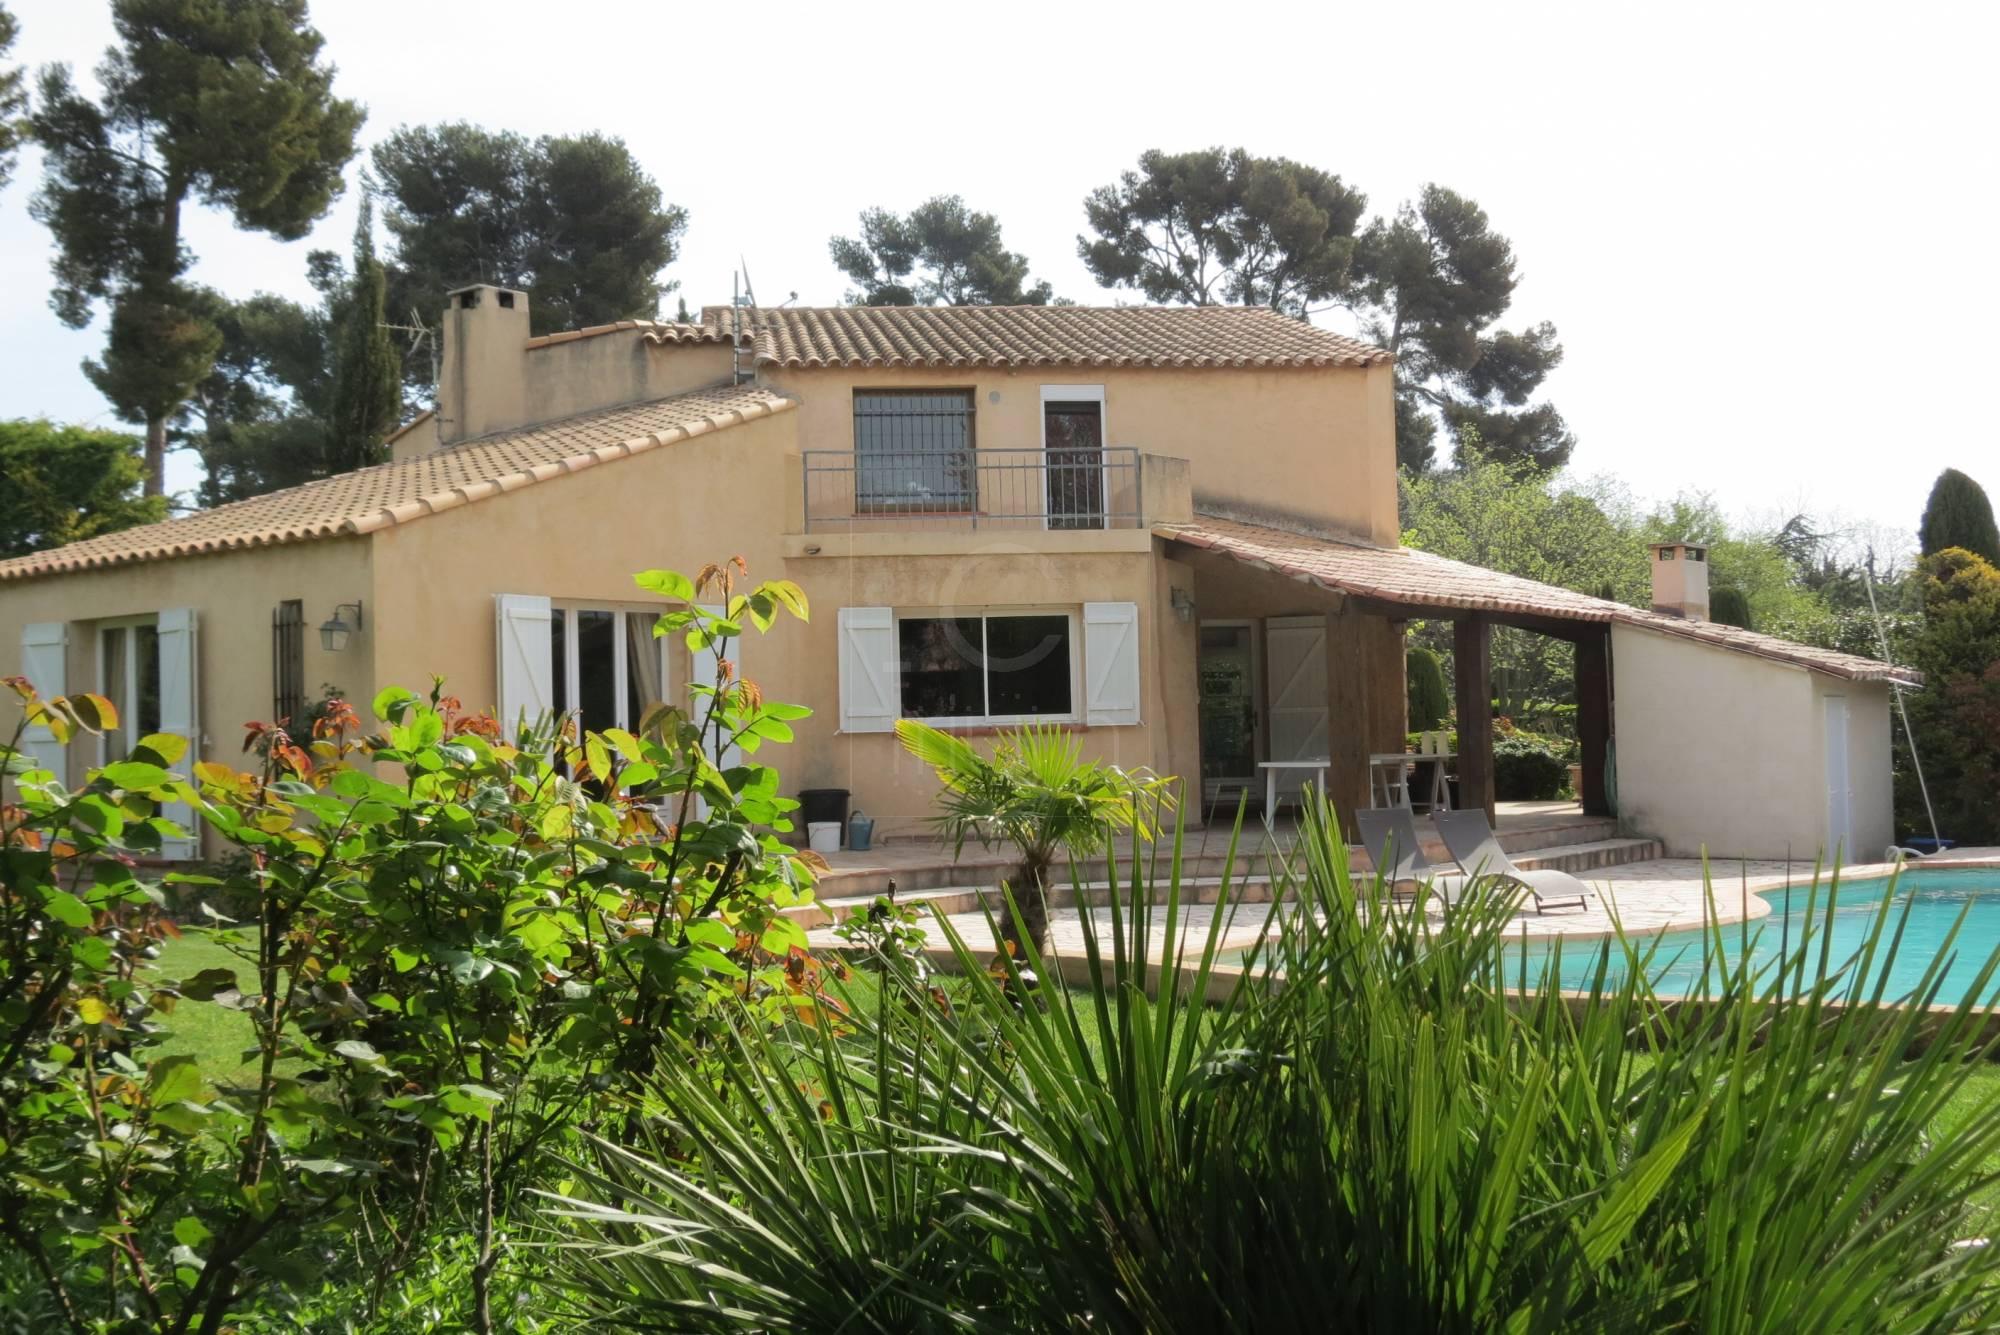 Vente villa t6 f6 marseille 12eme saint julien piscine - Piscine st giniez marseille ...